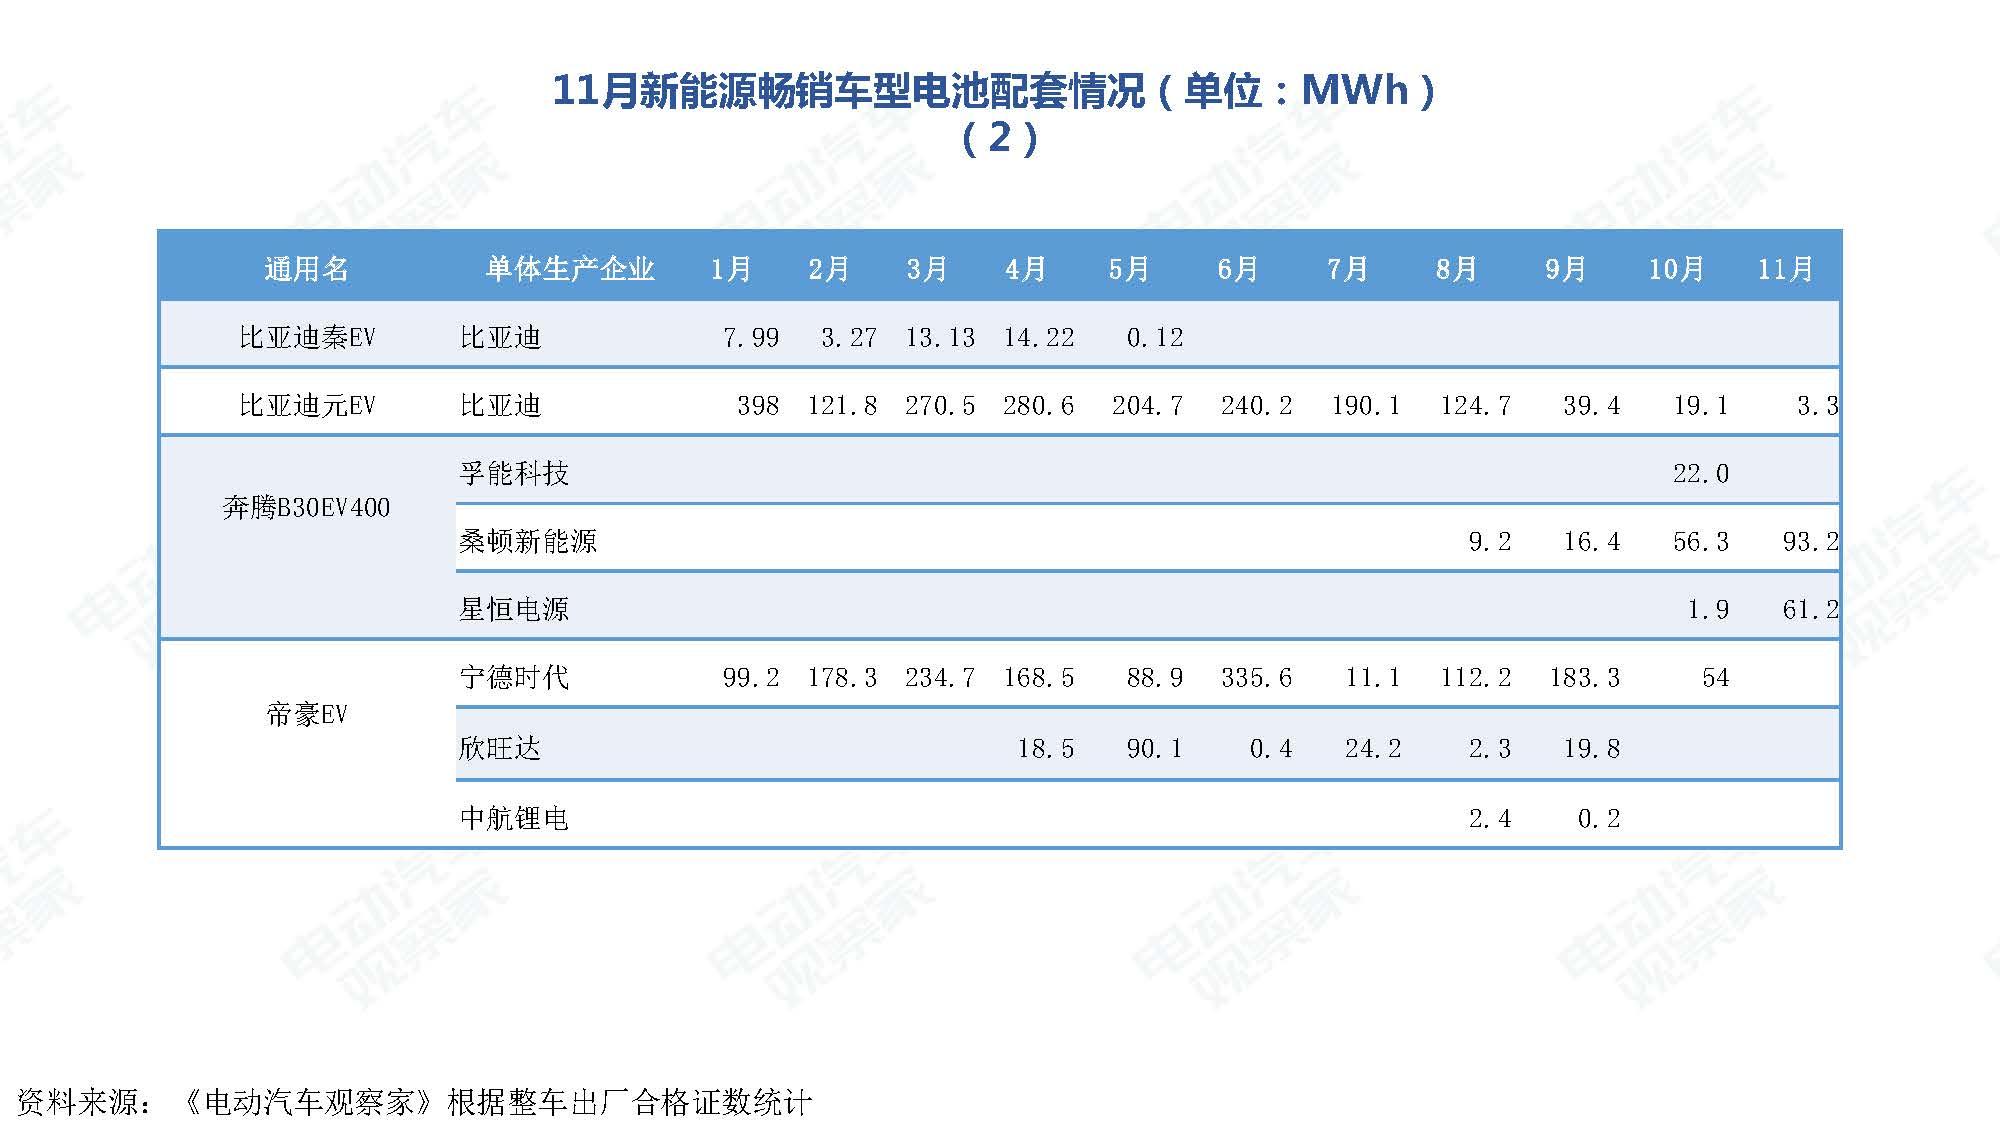 2019年11月中国新能源汽车产业观察_页面_097